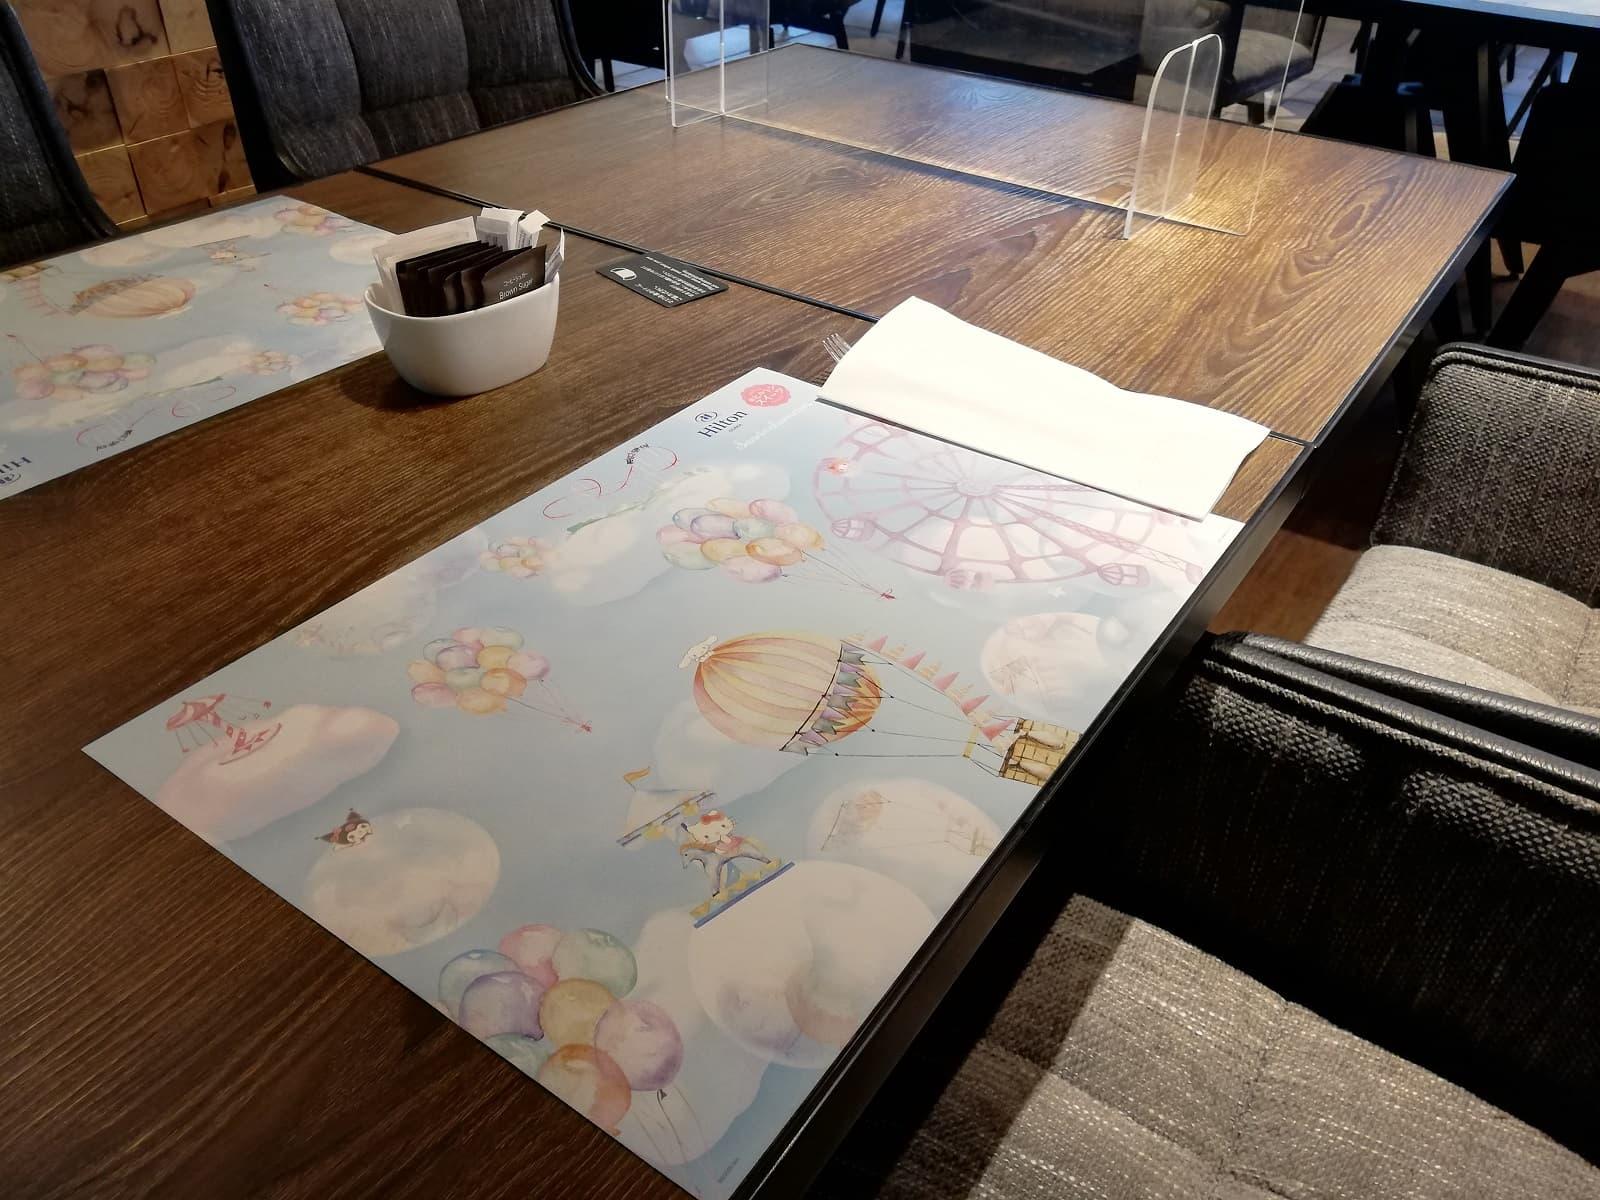 サンリオキャラクターのランチョンマットが敷かれたテーブル